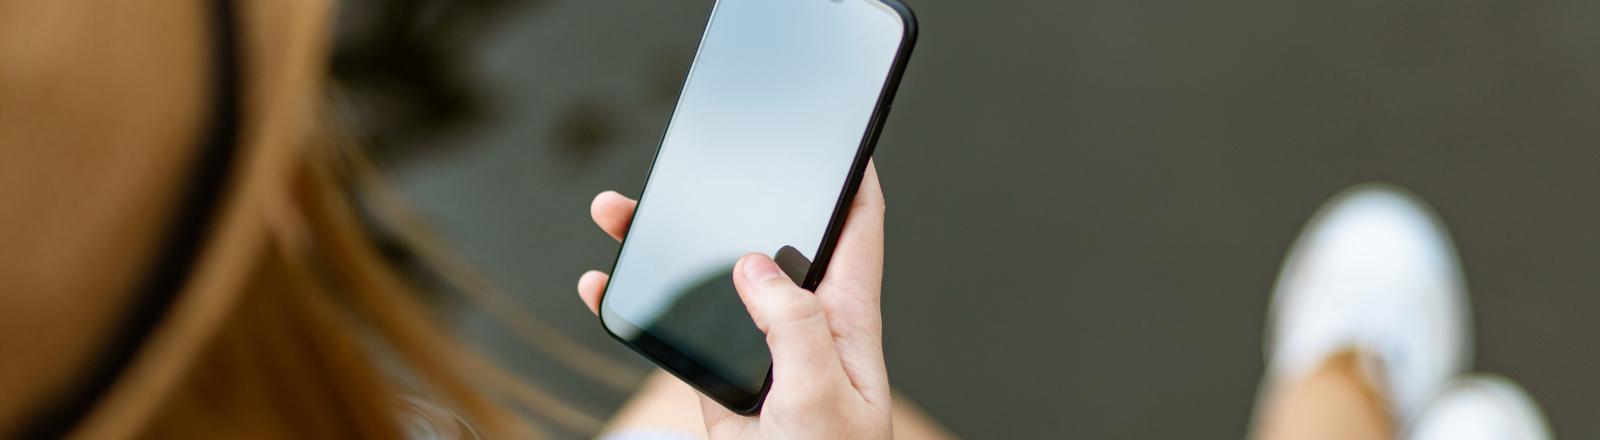 Eine junge Frau schaut auf ihr Smartphone